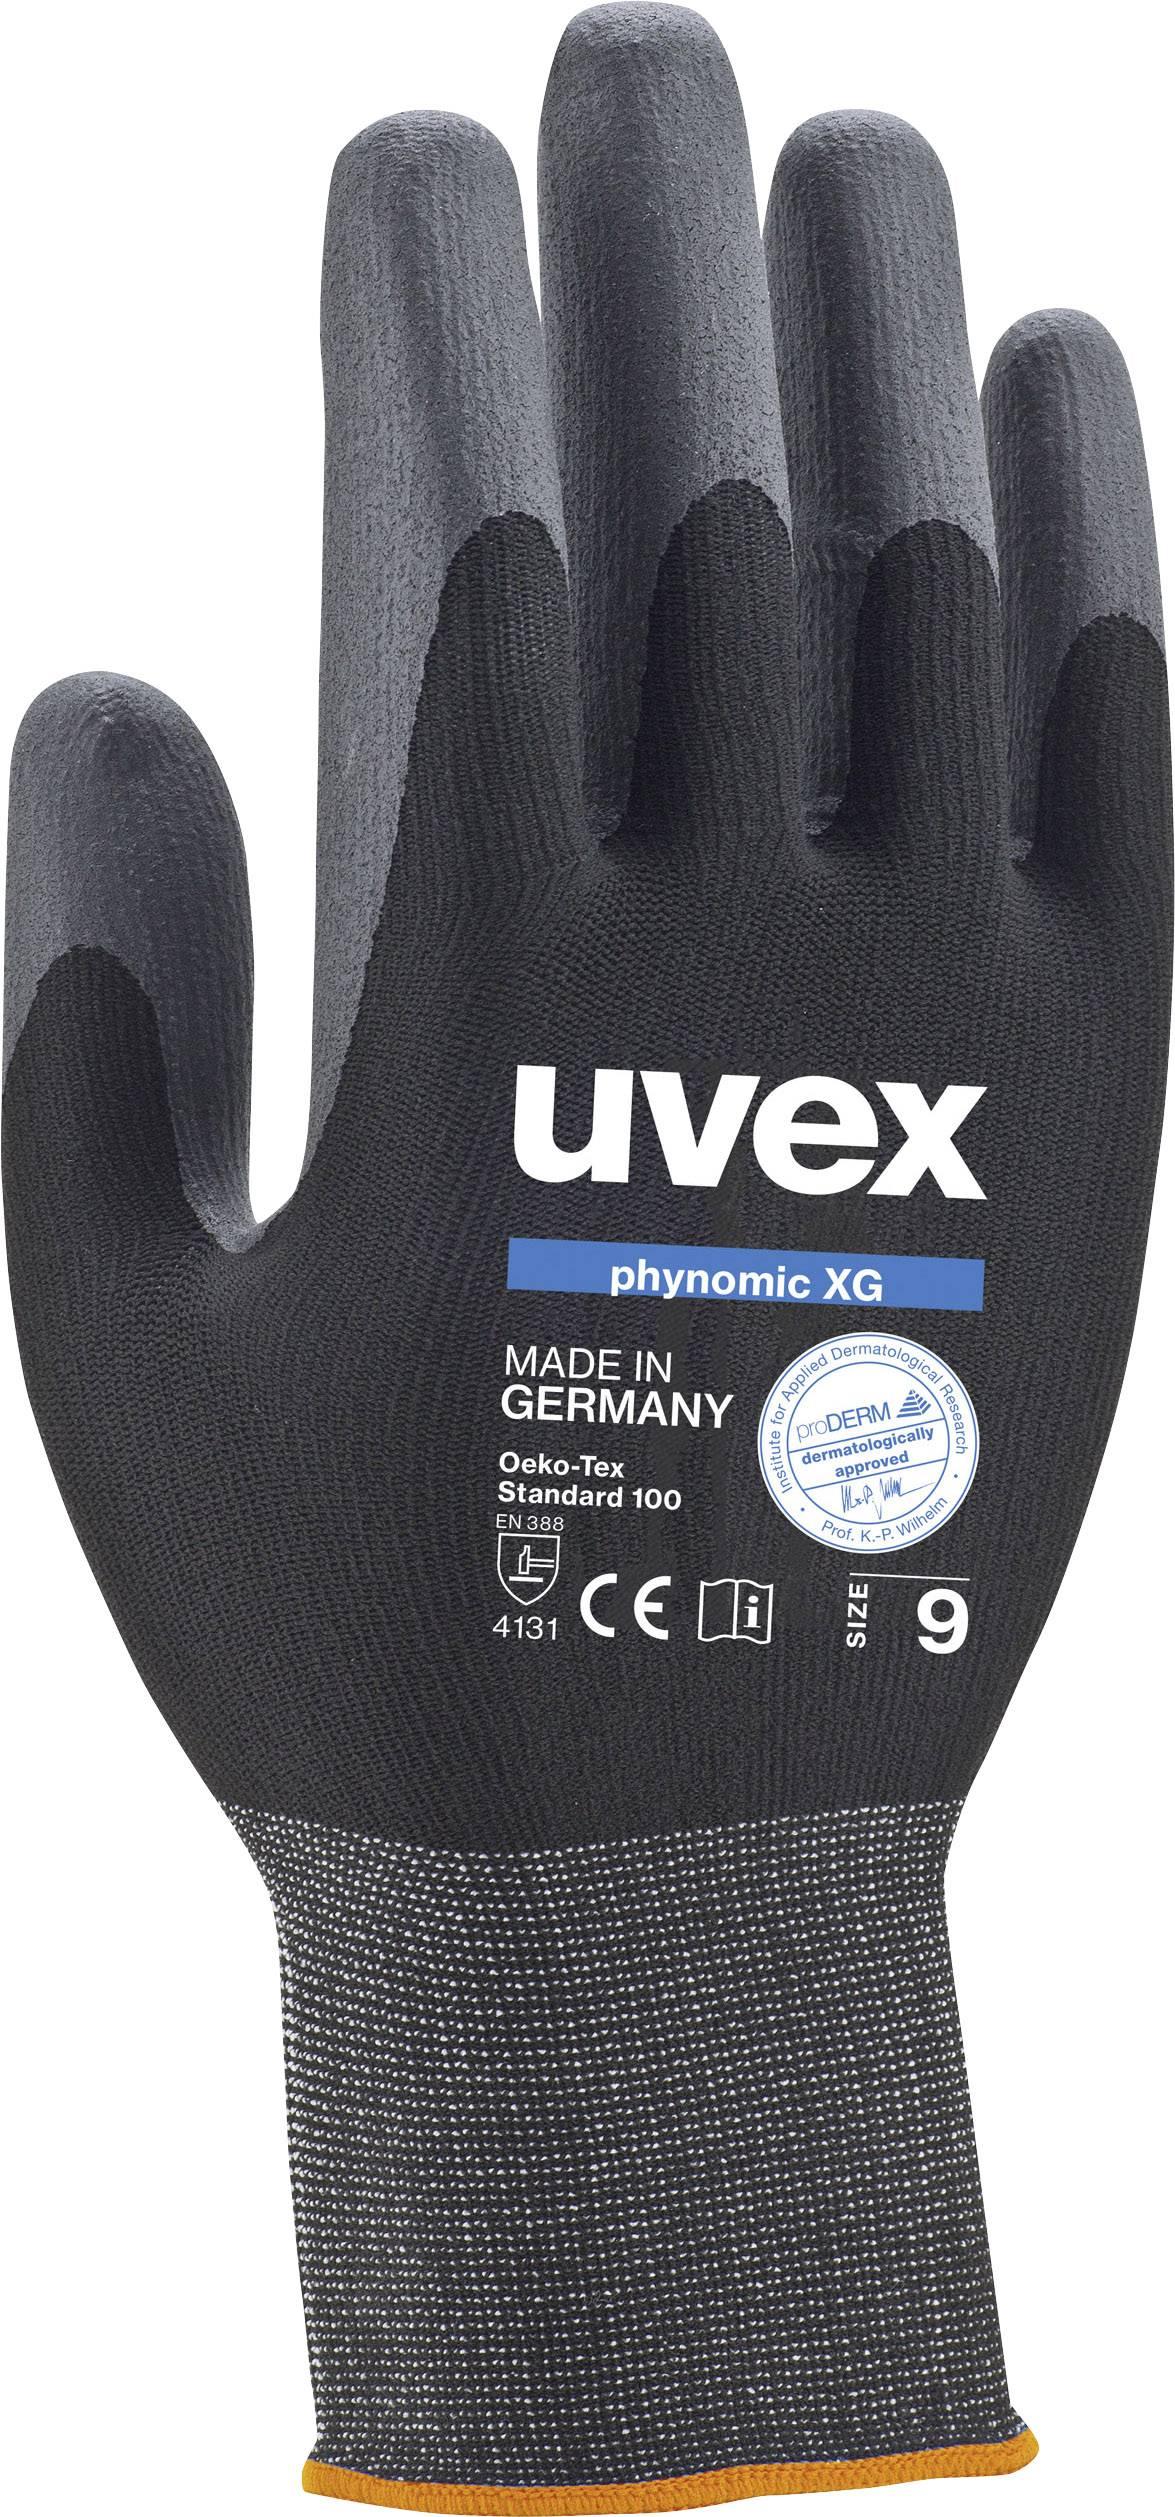 Pracovní rukavice Uvex phynomic XG 6007010, velikost rukavic: 10